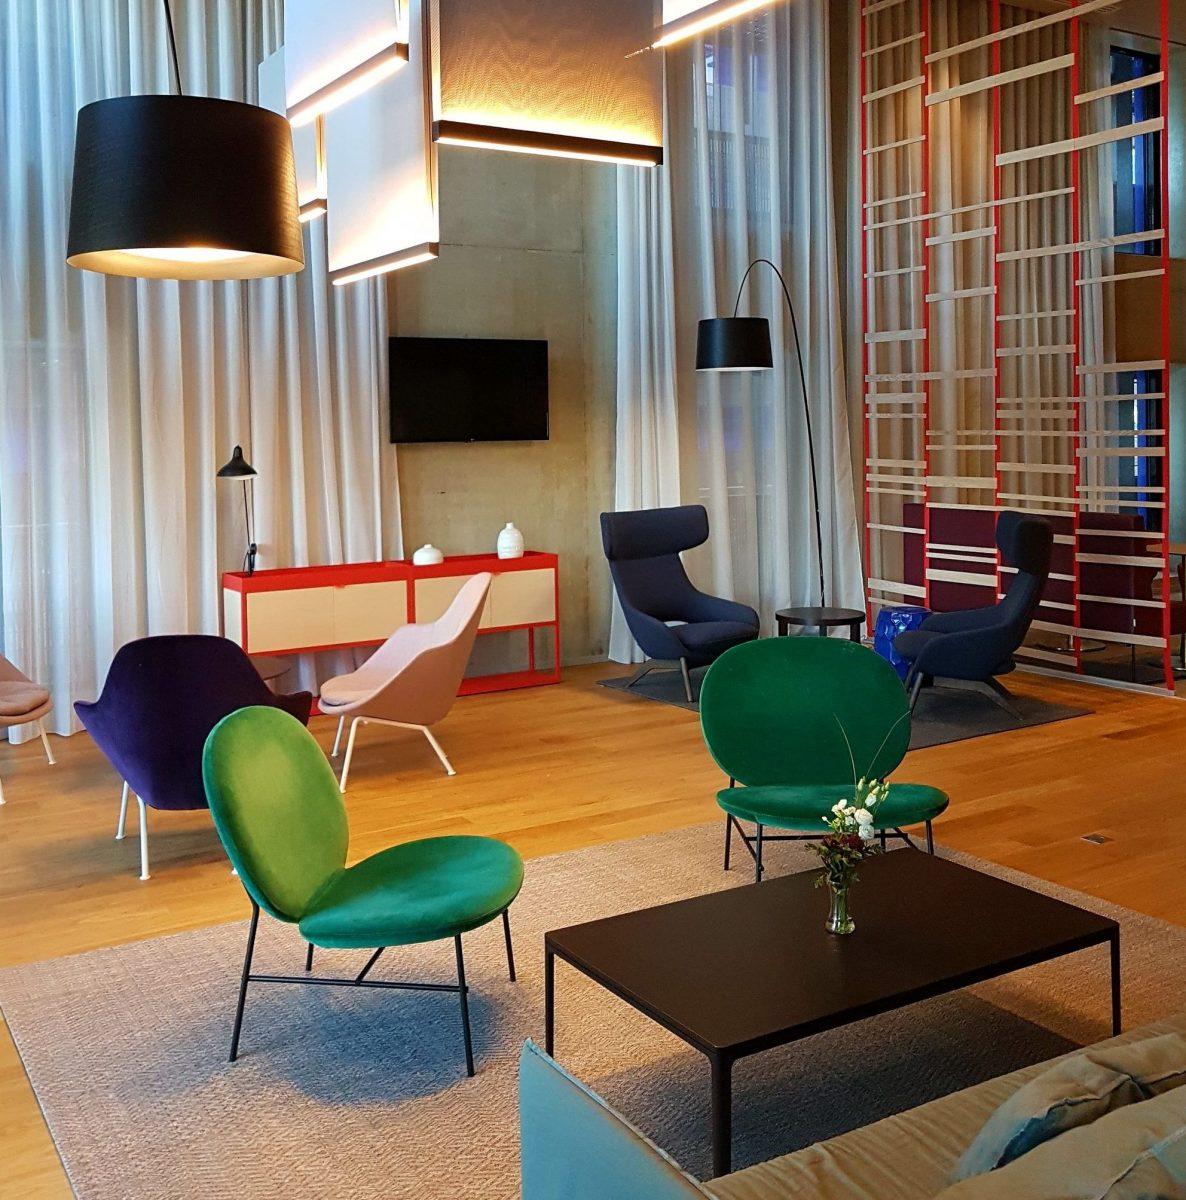 Ouverture de l'hôtel 4 étoiles OKKO Presqu'île Malraux à Strasbourg